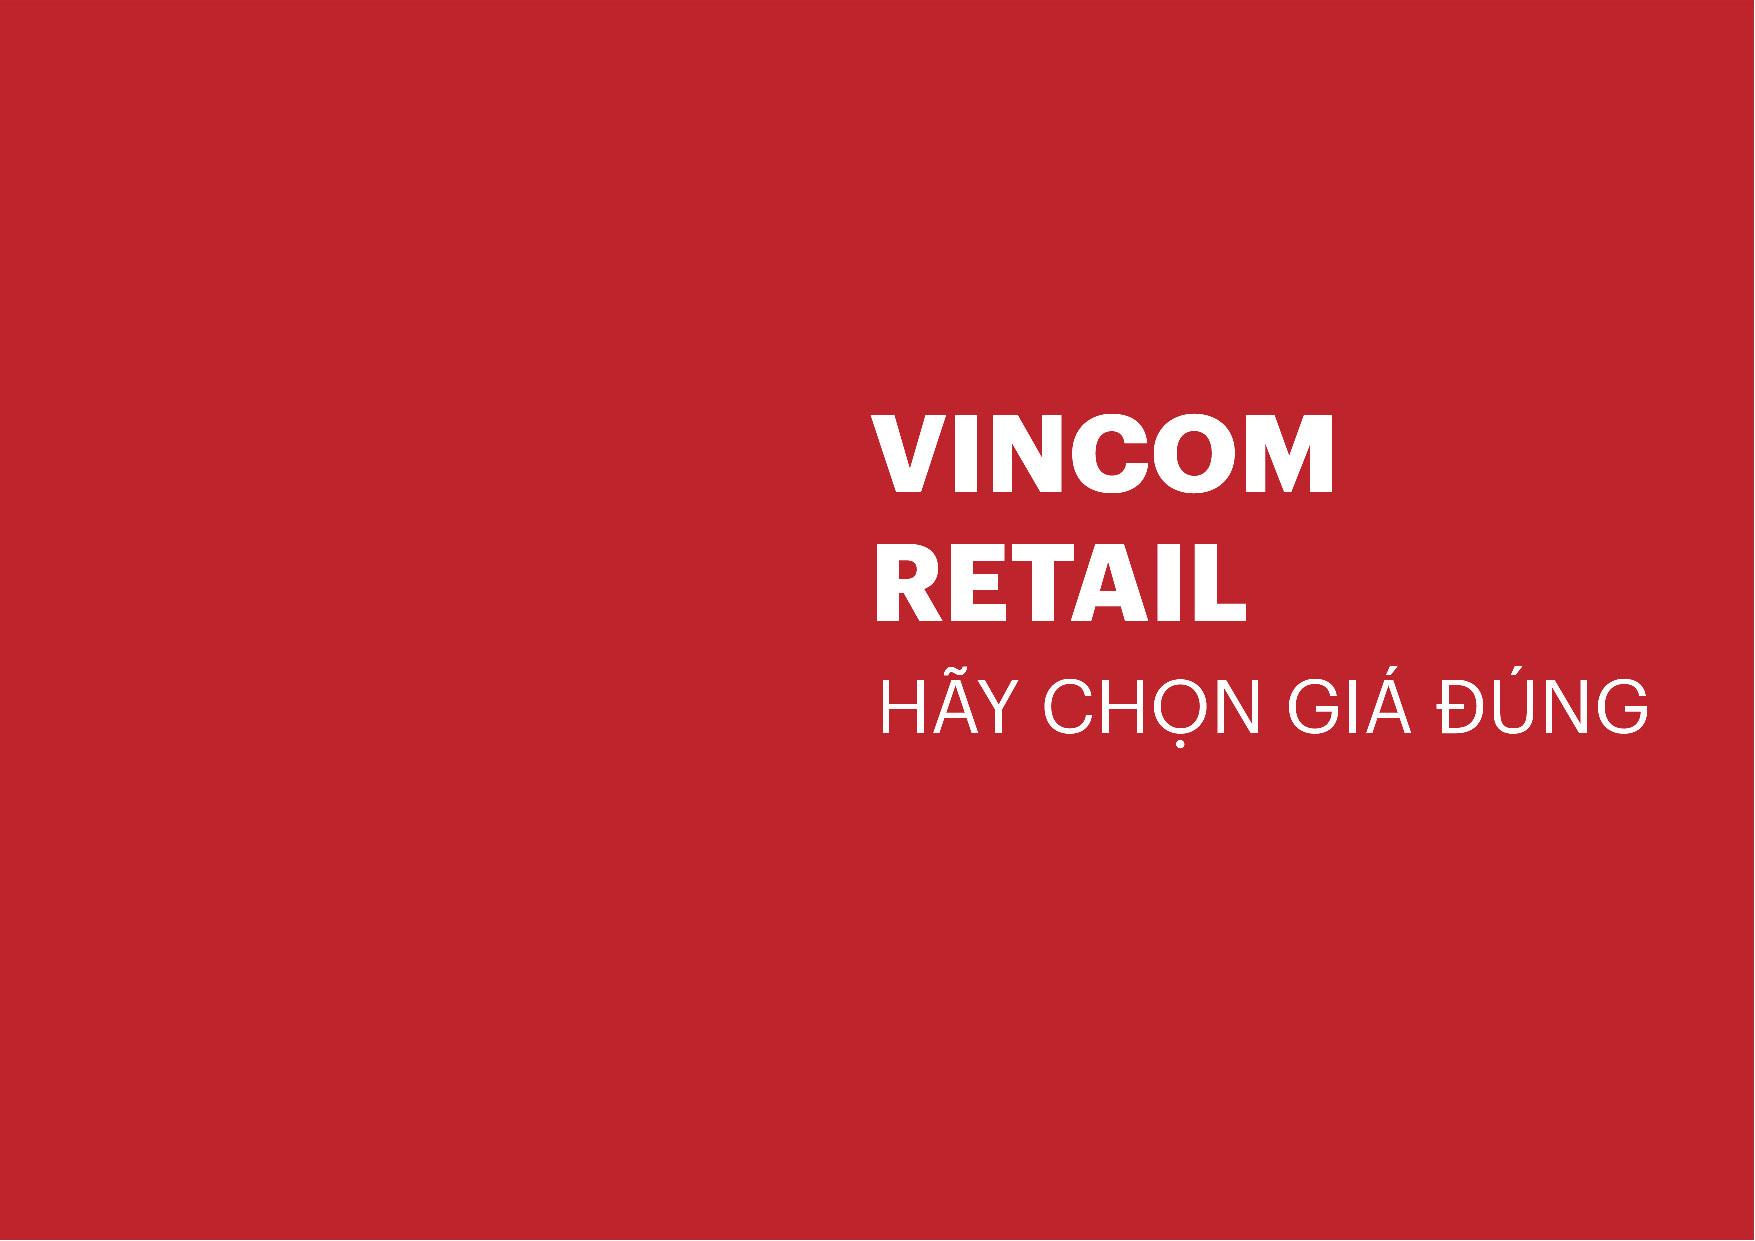 Vincom-43